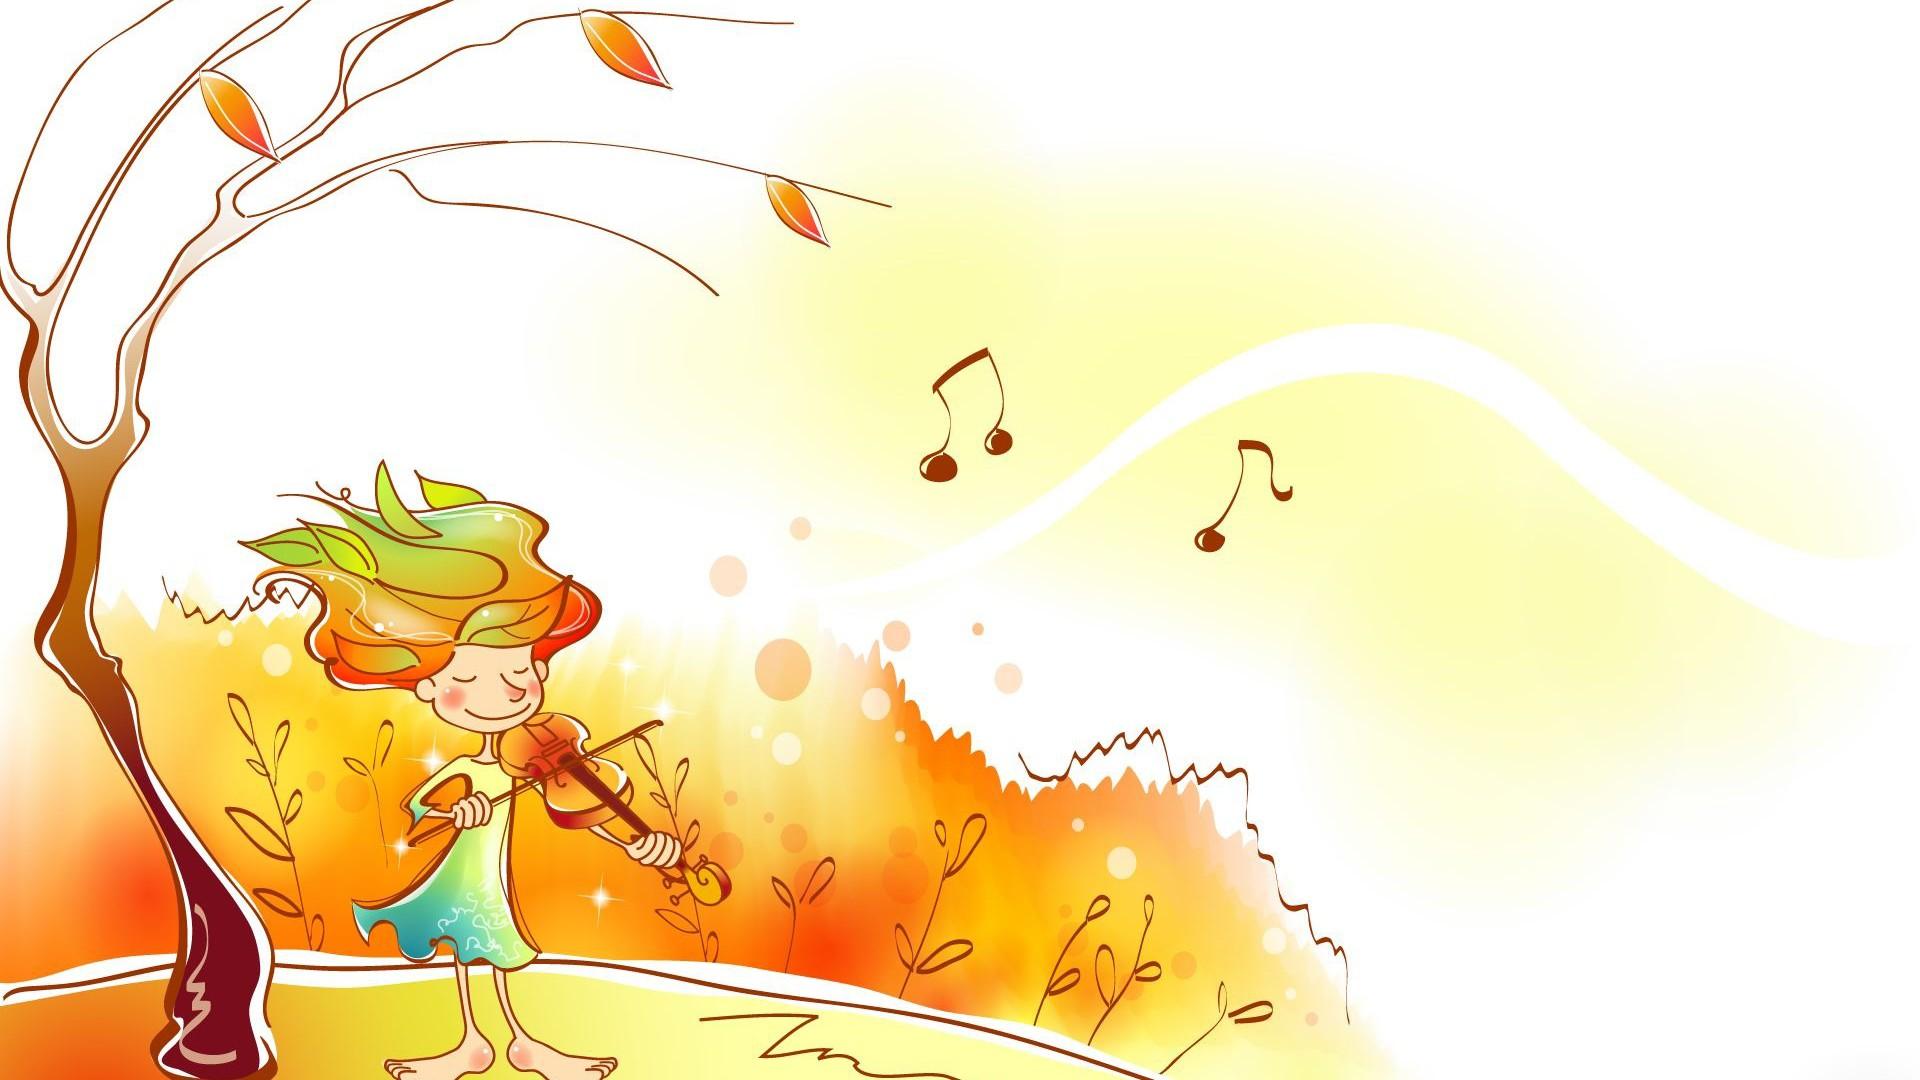 秋天卡通插画小提琴独奏ppt背景图片下载